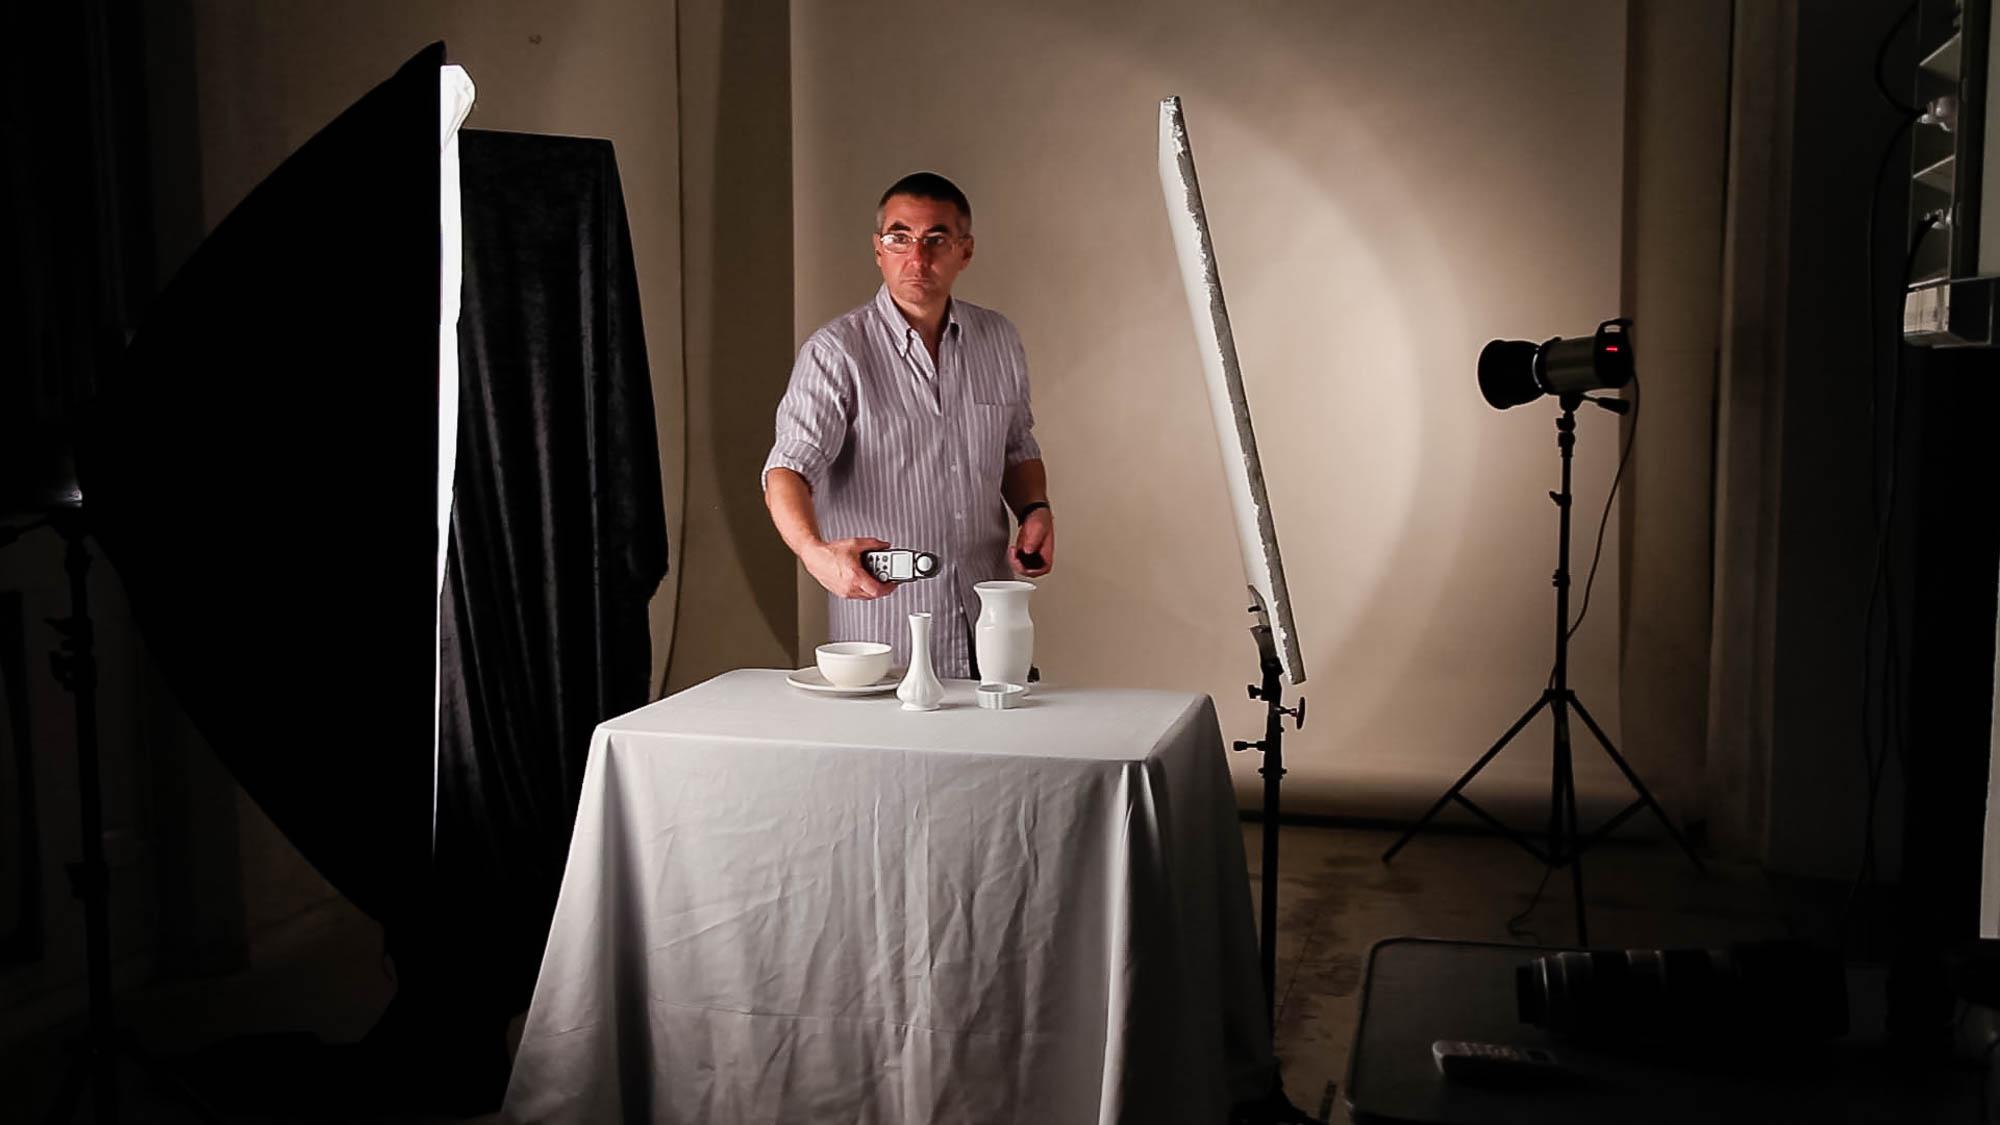 Curso de fotografia de productos en estudio con Mariano Molinari